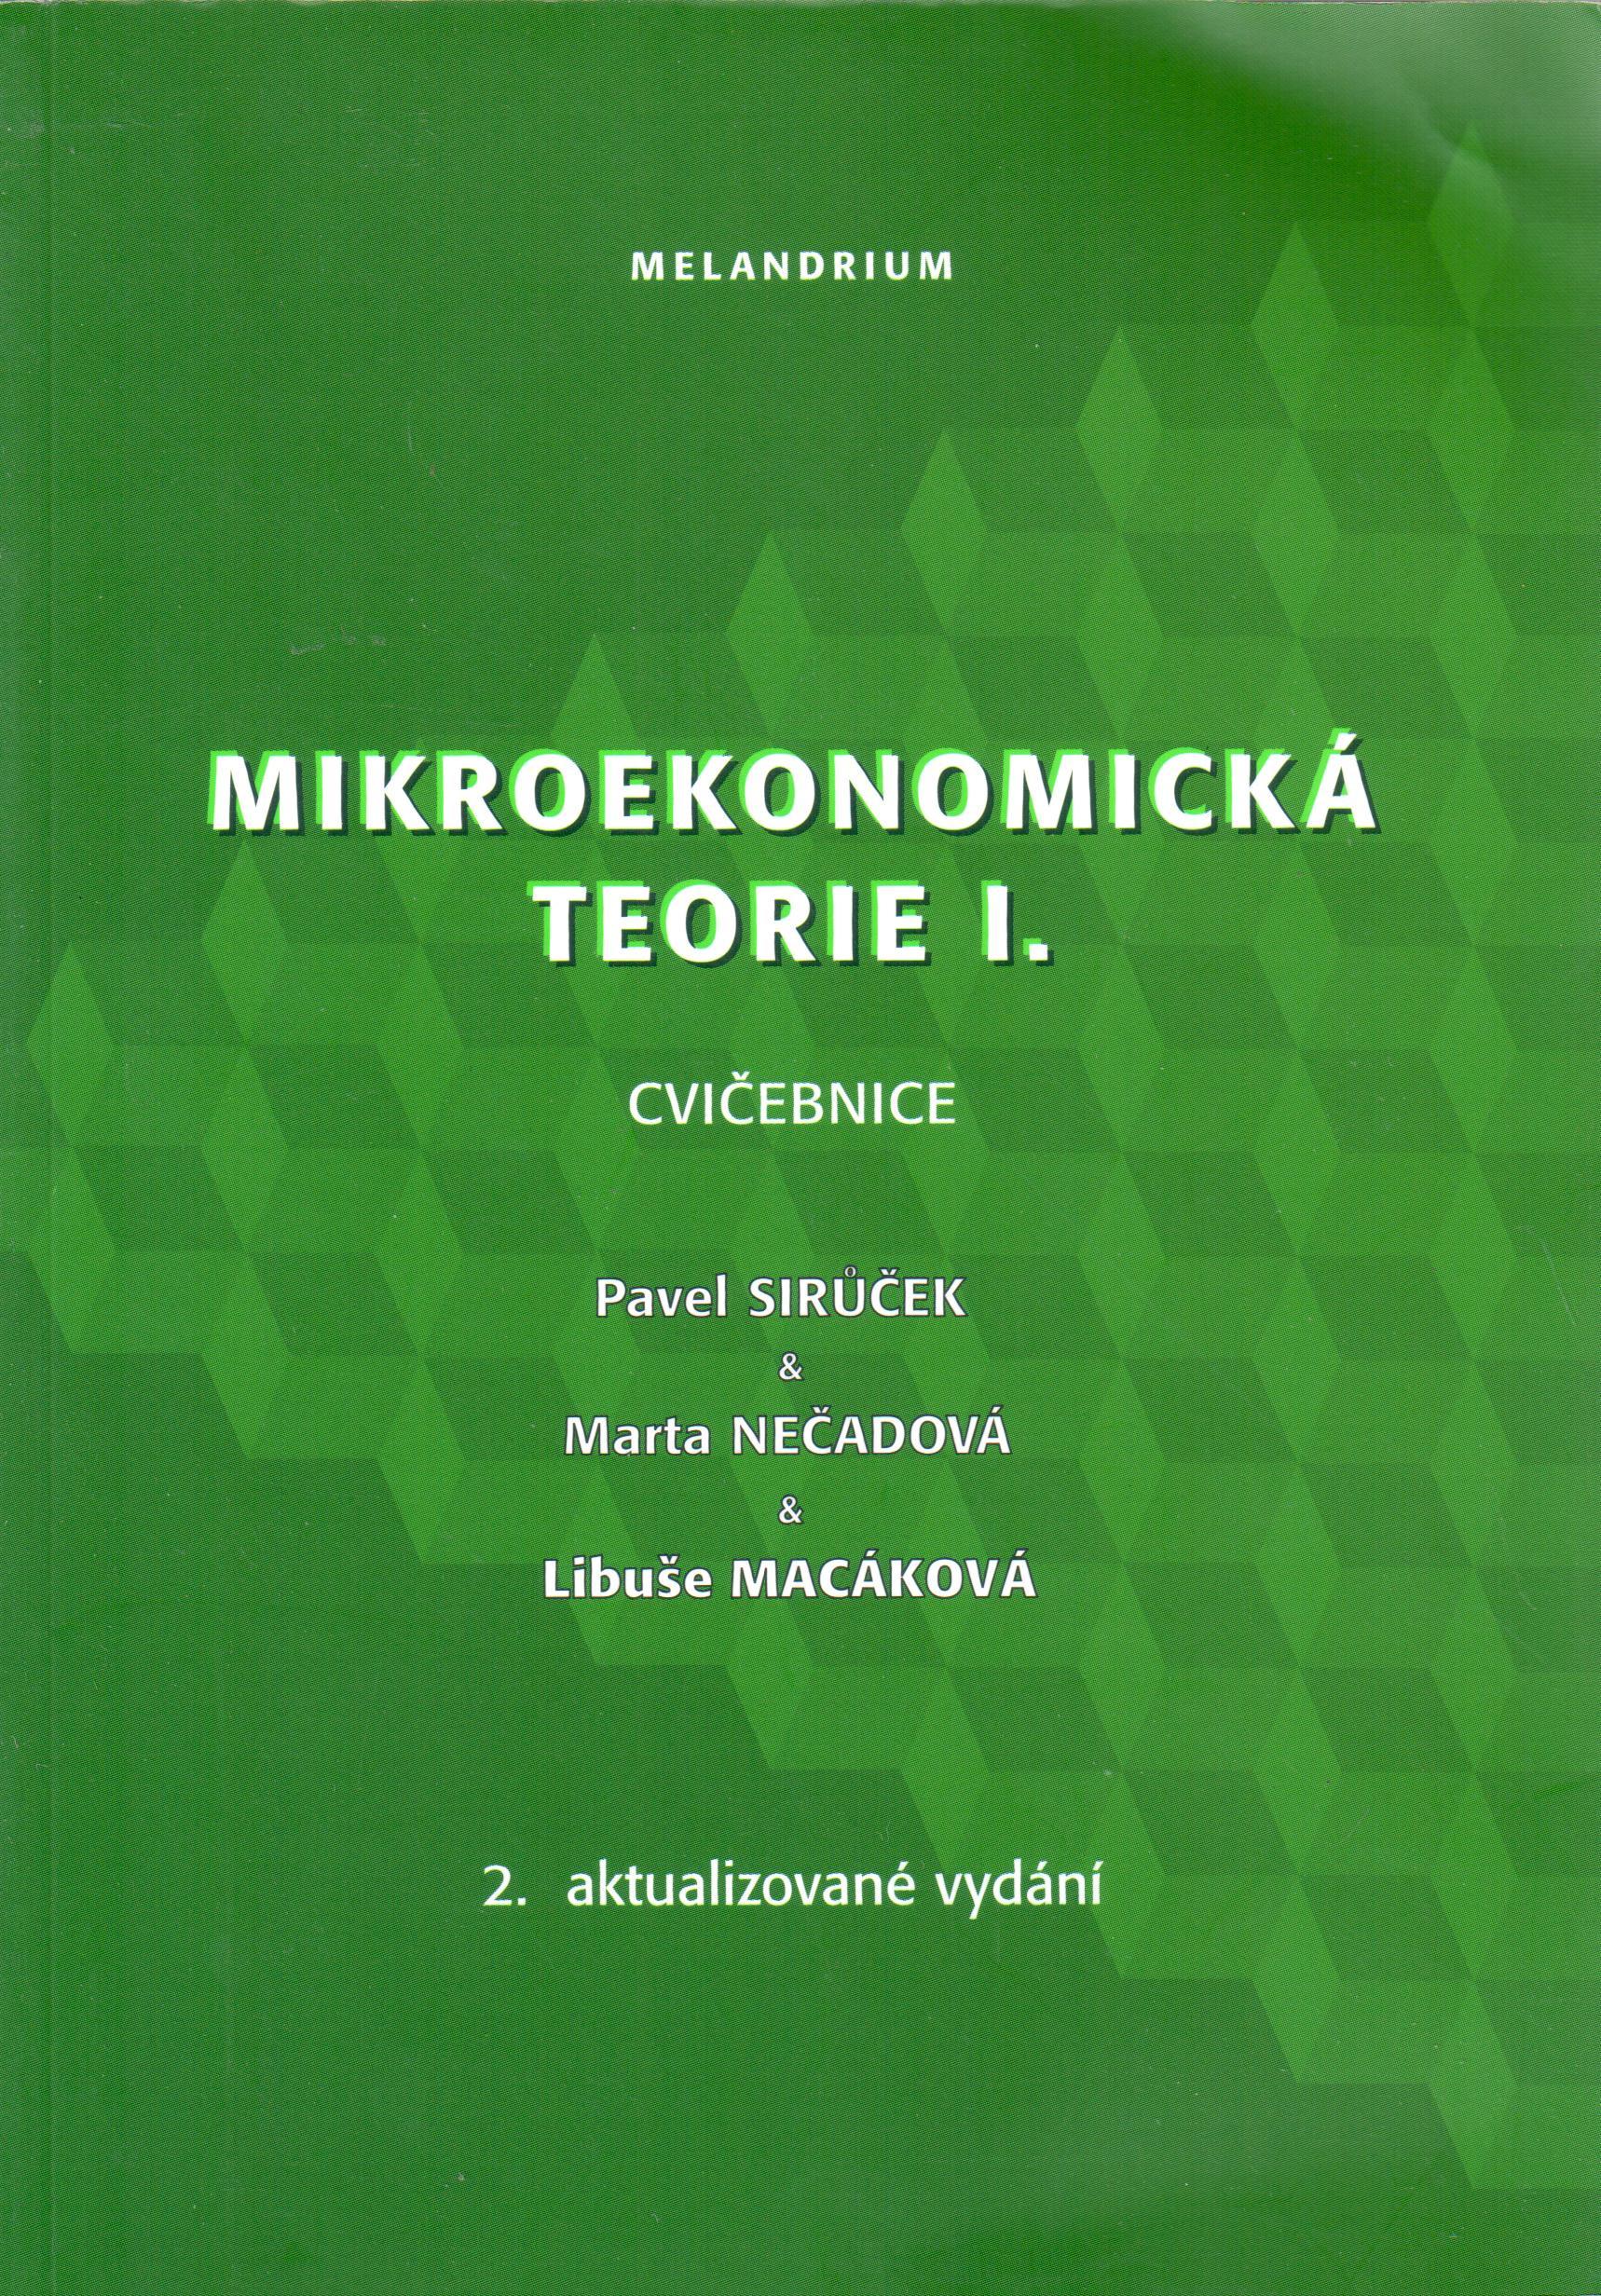 Mikroekonomická teorie I. (cvičebnice) - Náhled učebnice